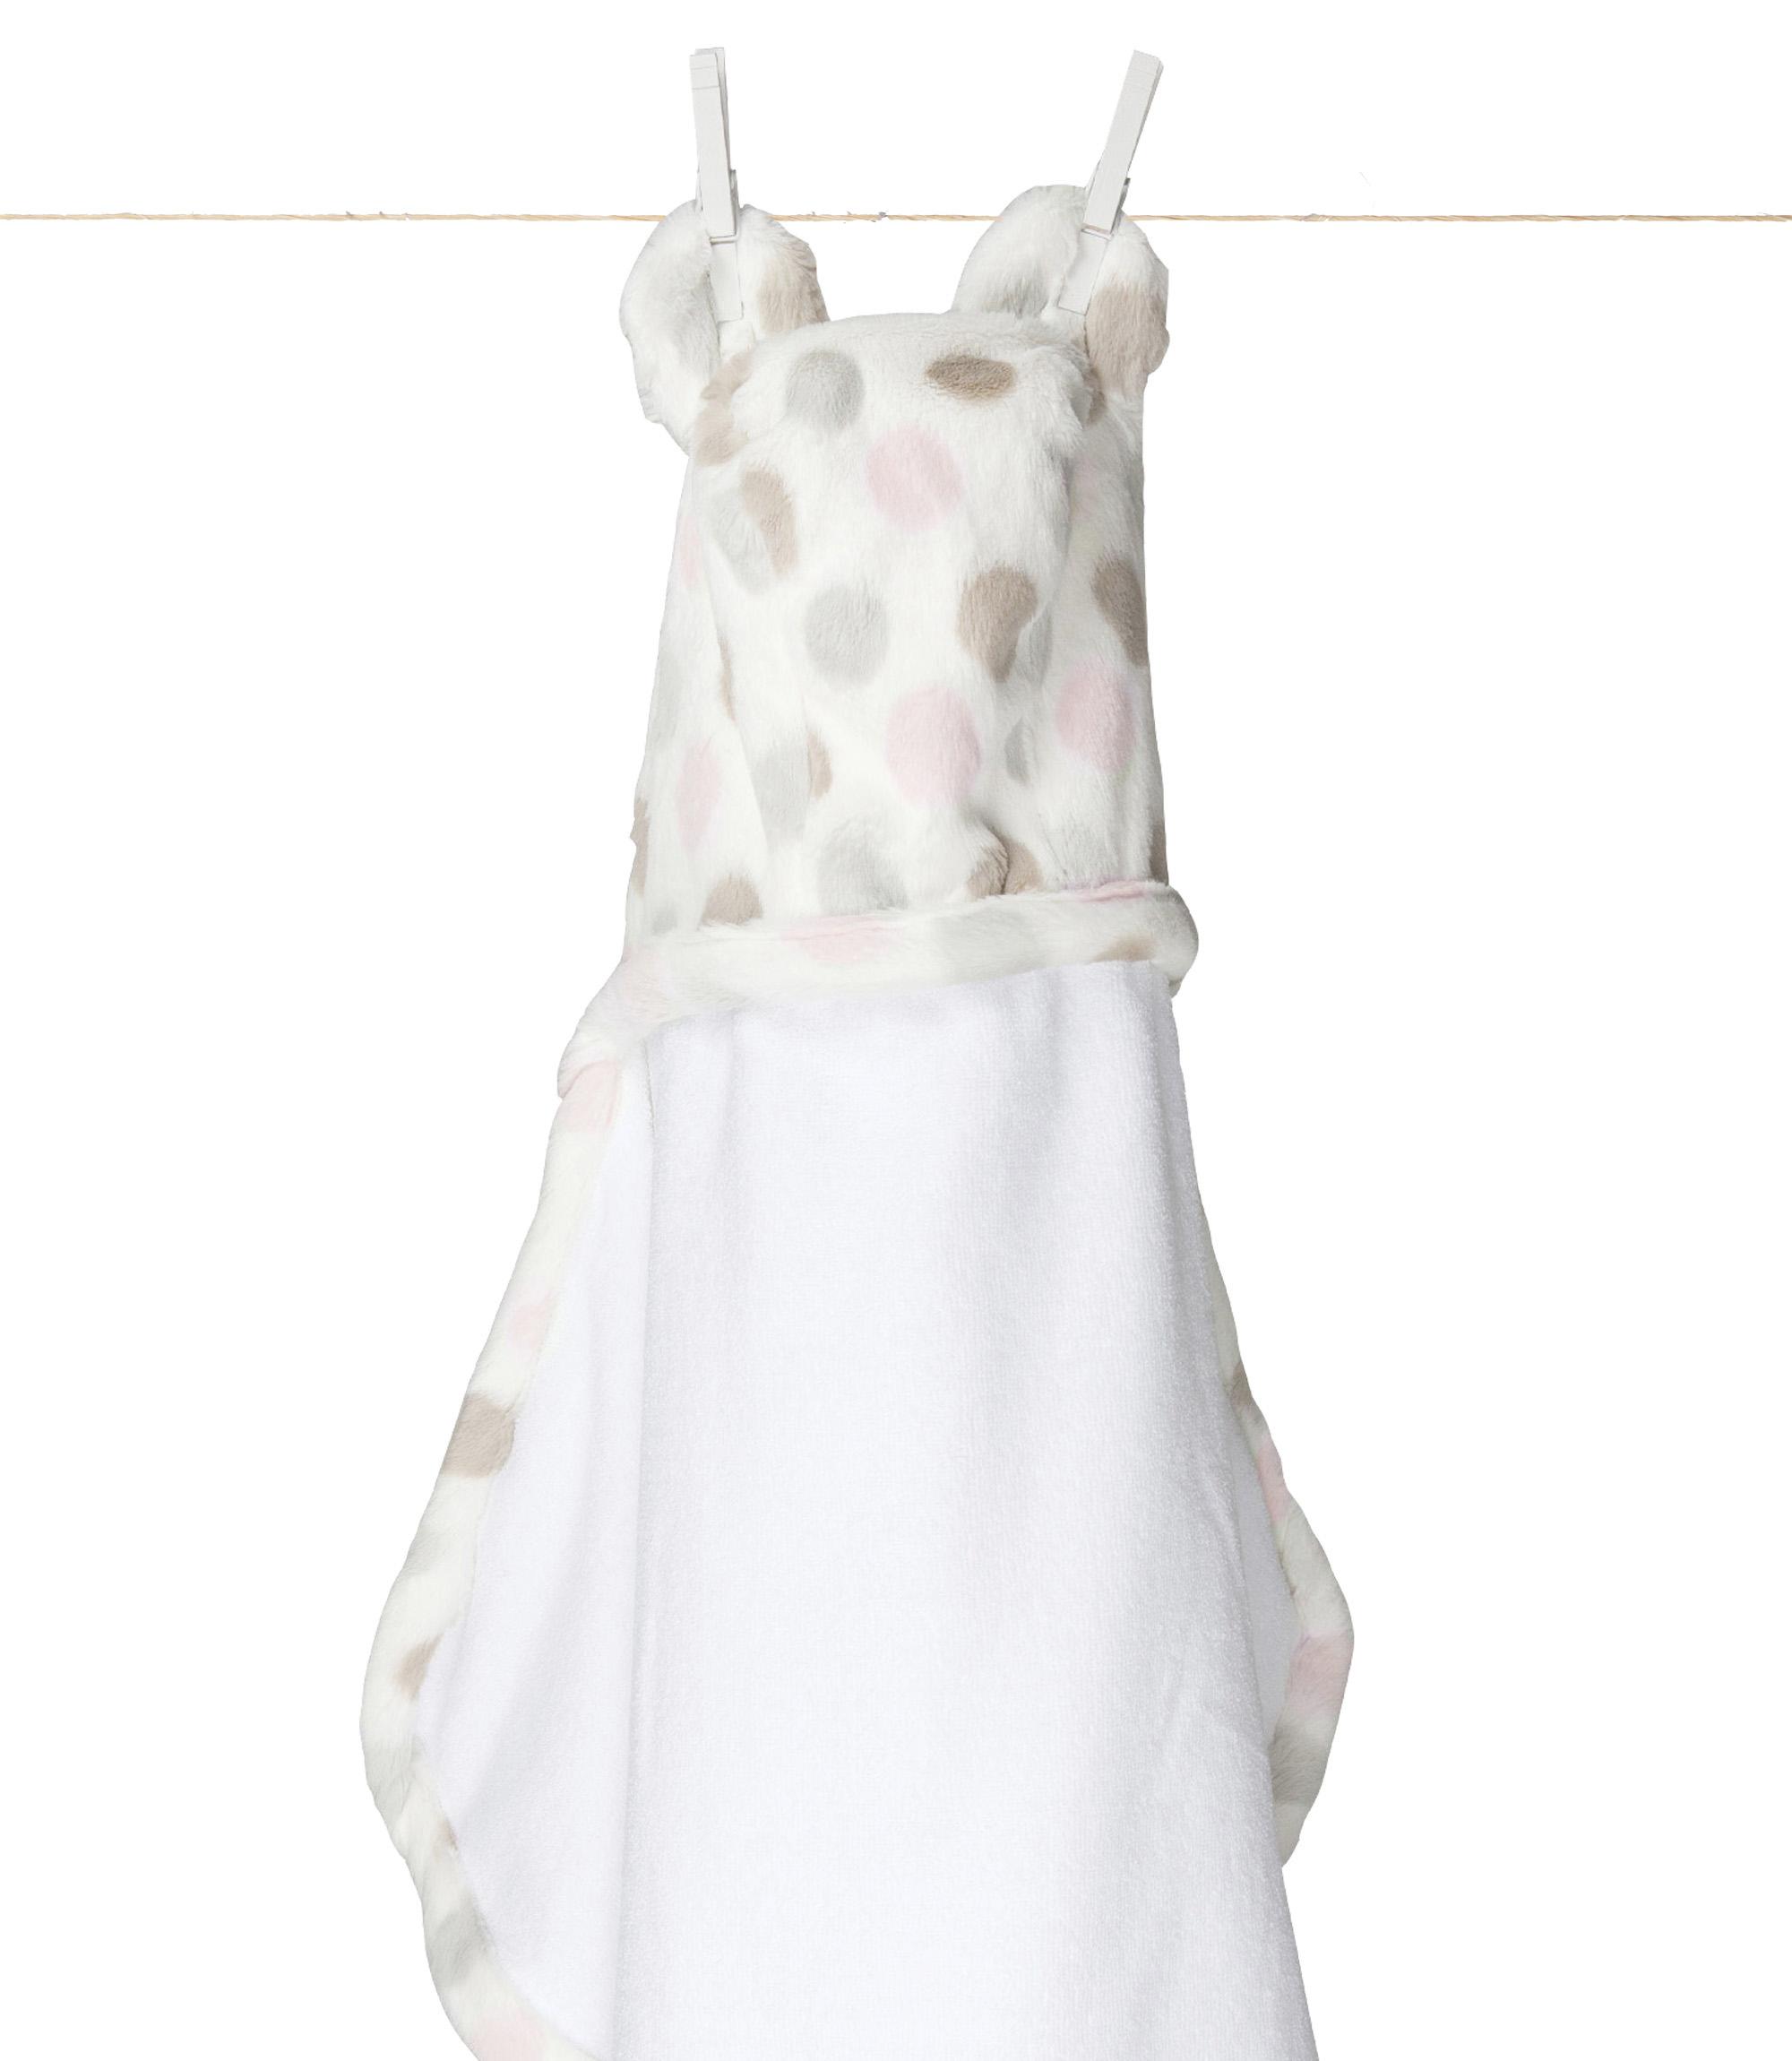 團購預告 Little Giraffe Luxe Dot Baby Blanket 豪華點點毯 安撫偶